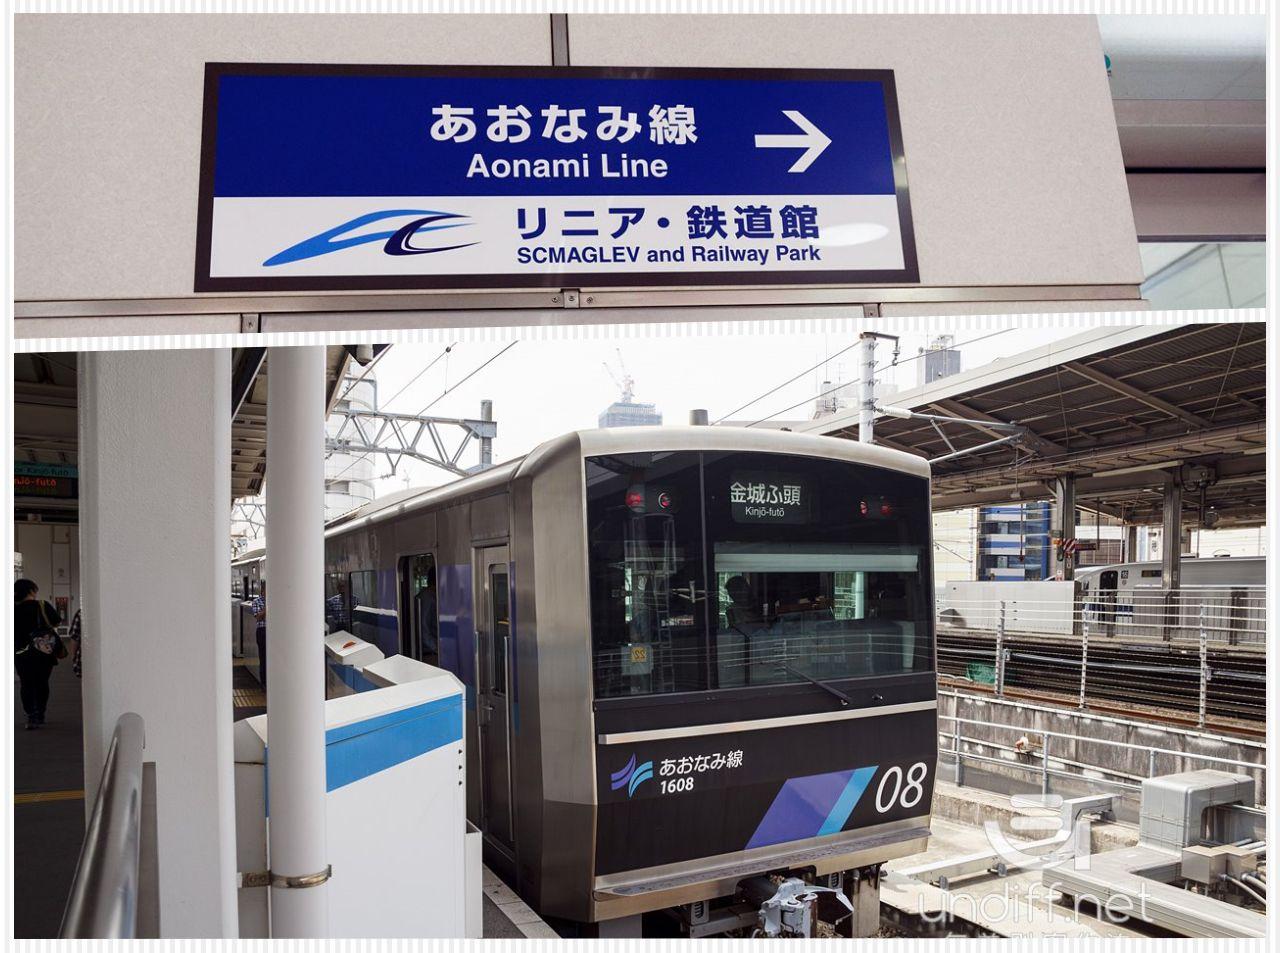 【名古屋景點】JR磁浮鐵道館 》體驗鐵道歷史與科技進步的軌跡 2